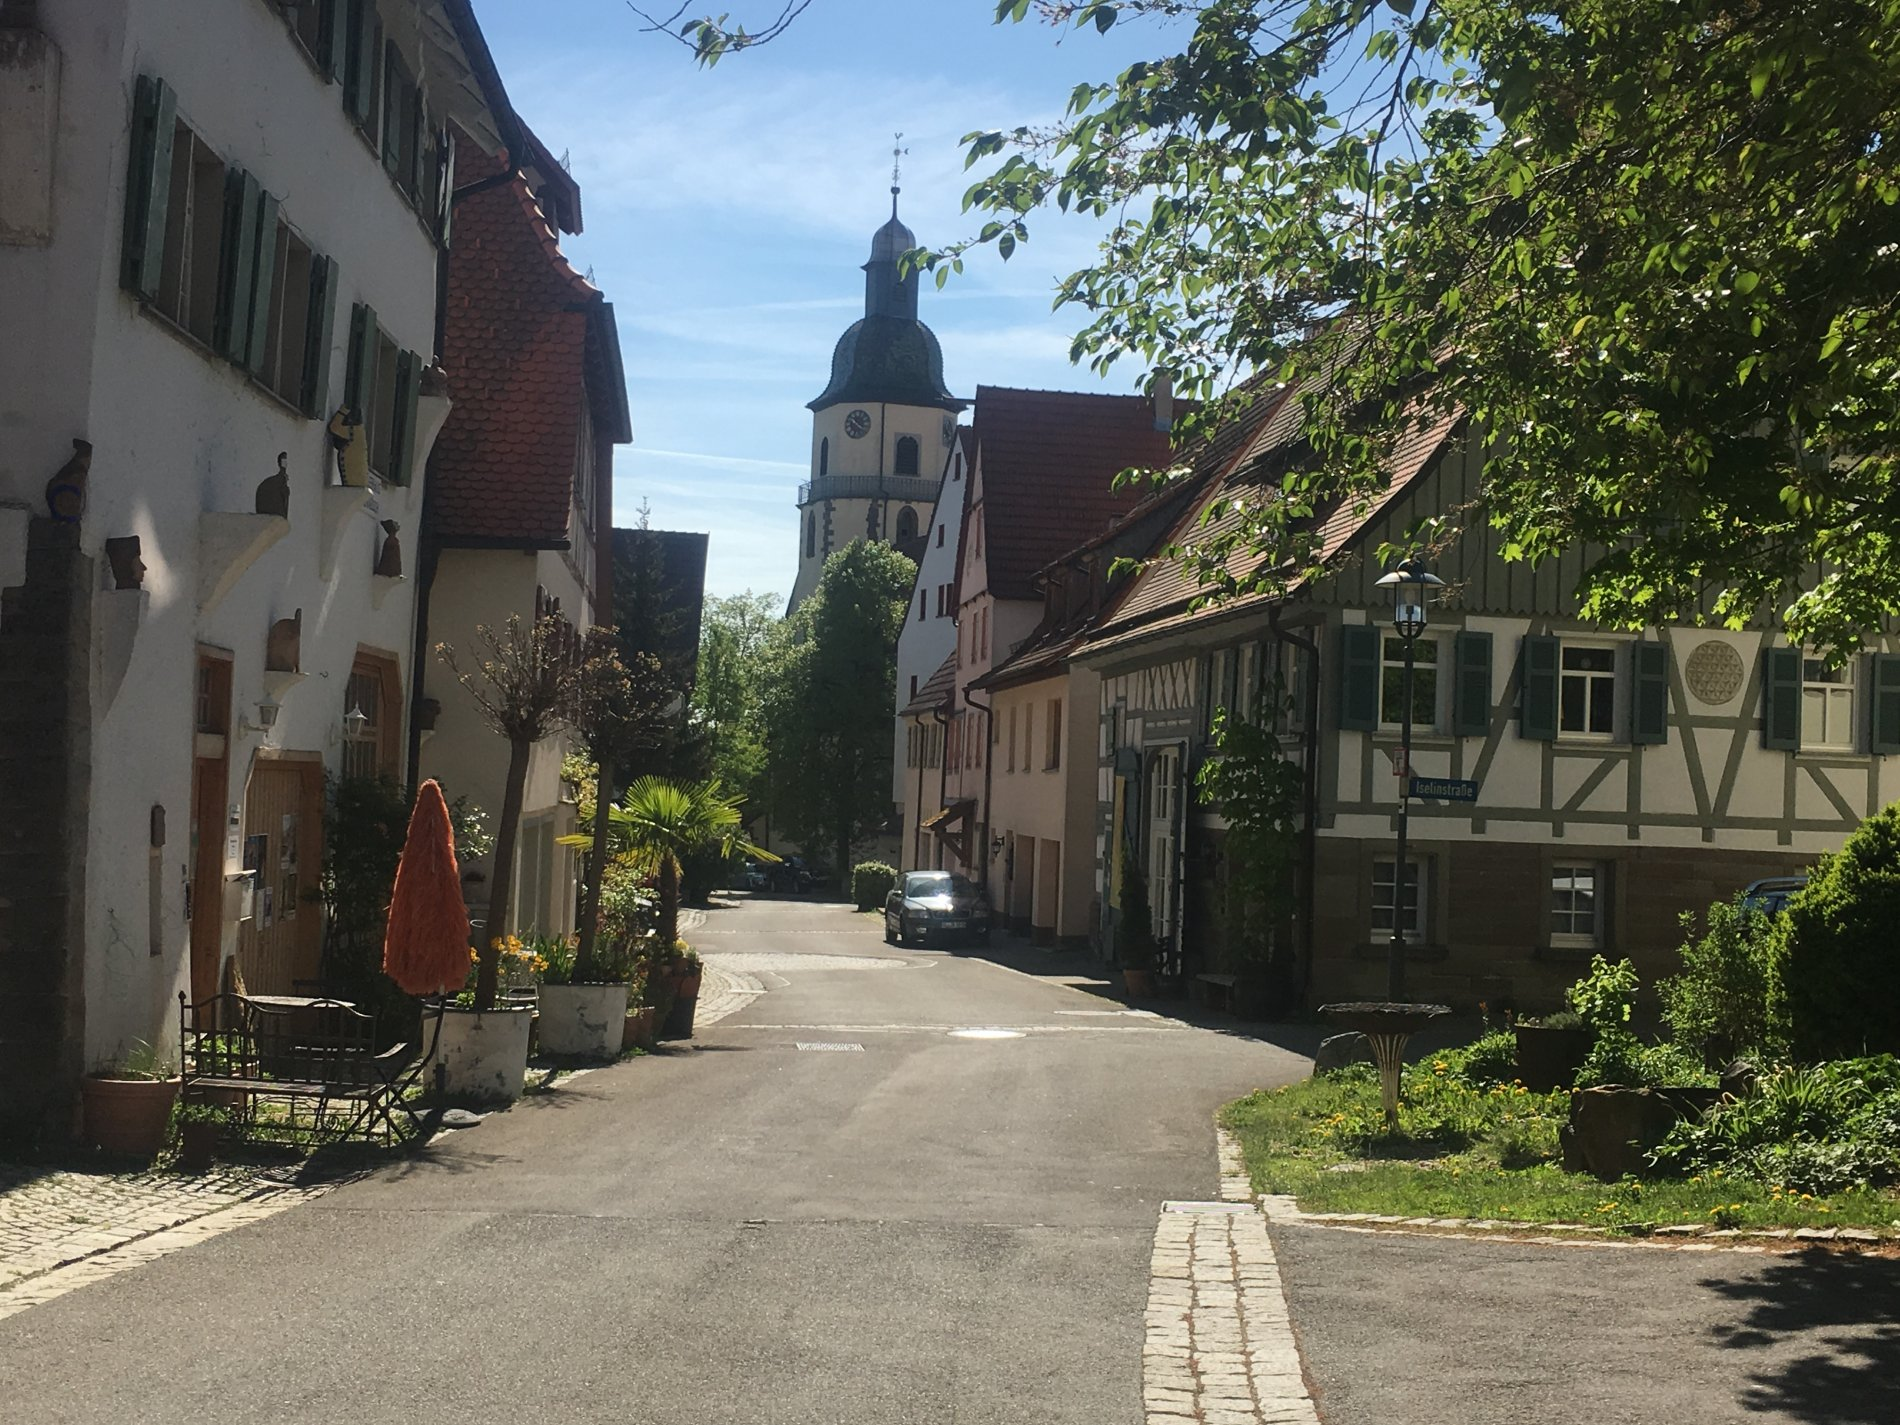 Rosenfelder Altstadt